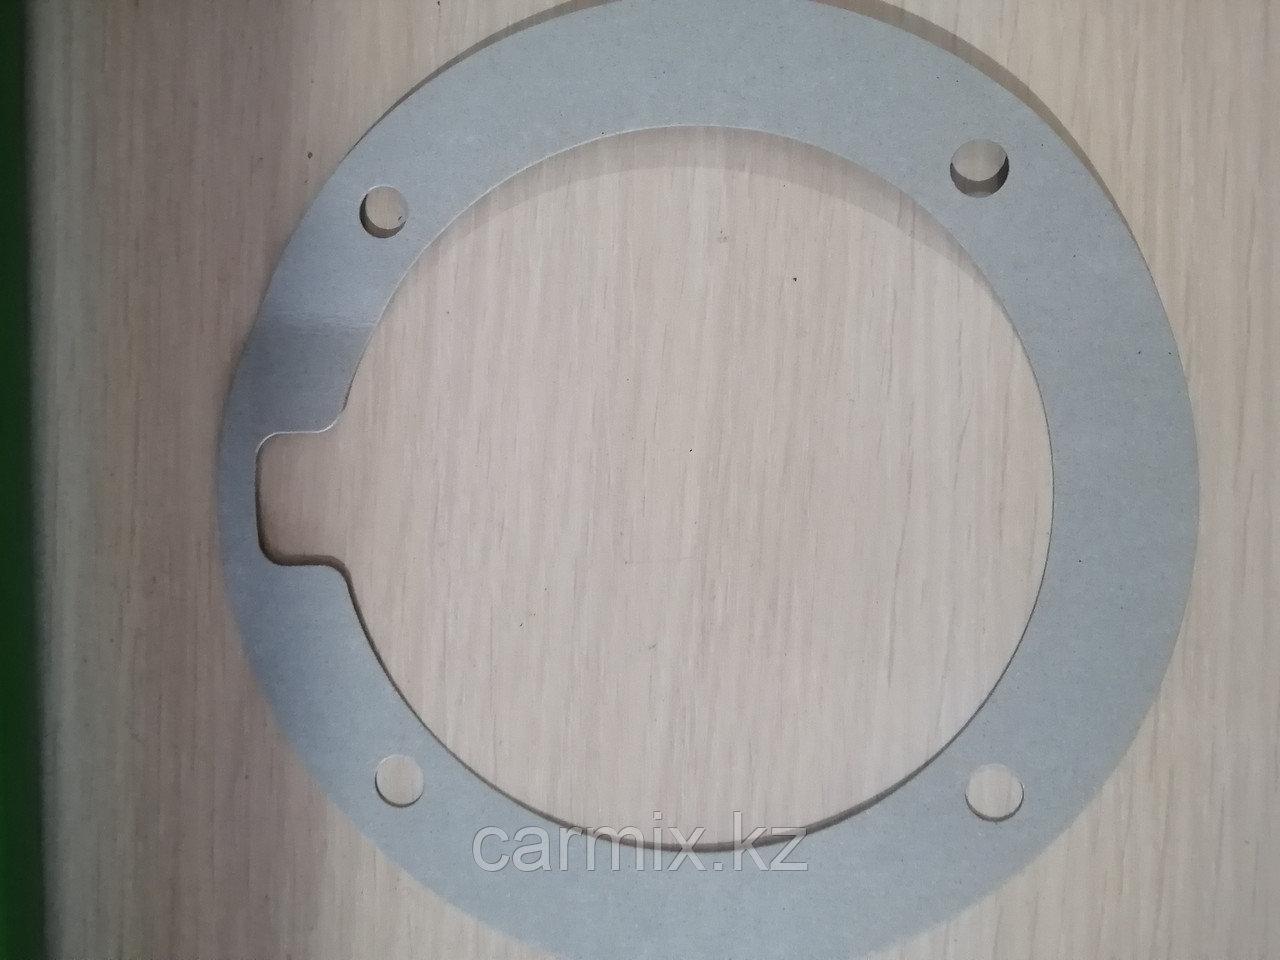 Прокладка пыльника поворотного кулака (передней цапфы) LAND CRUISER 100, LEXUS LX470 1998-2005